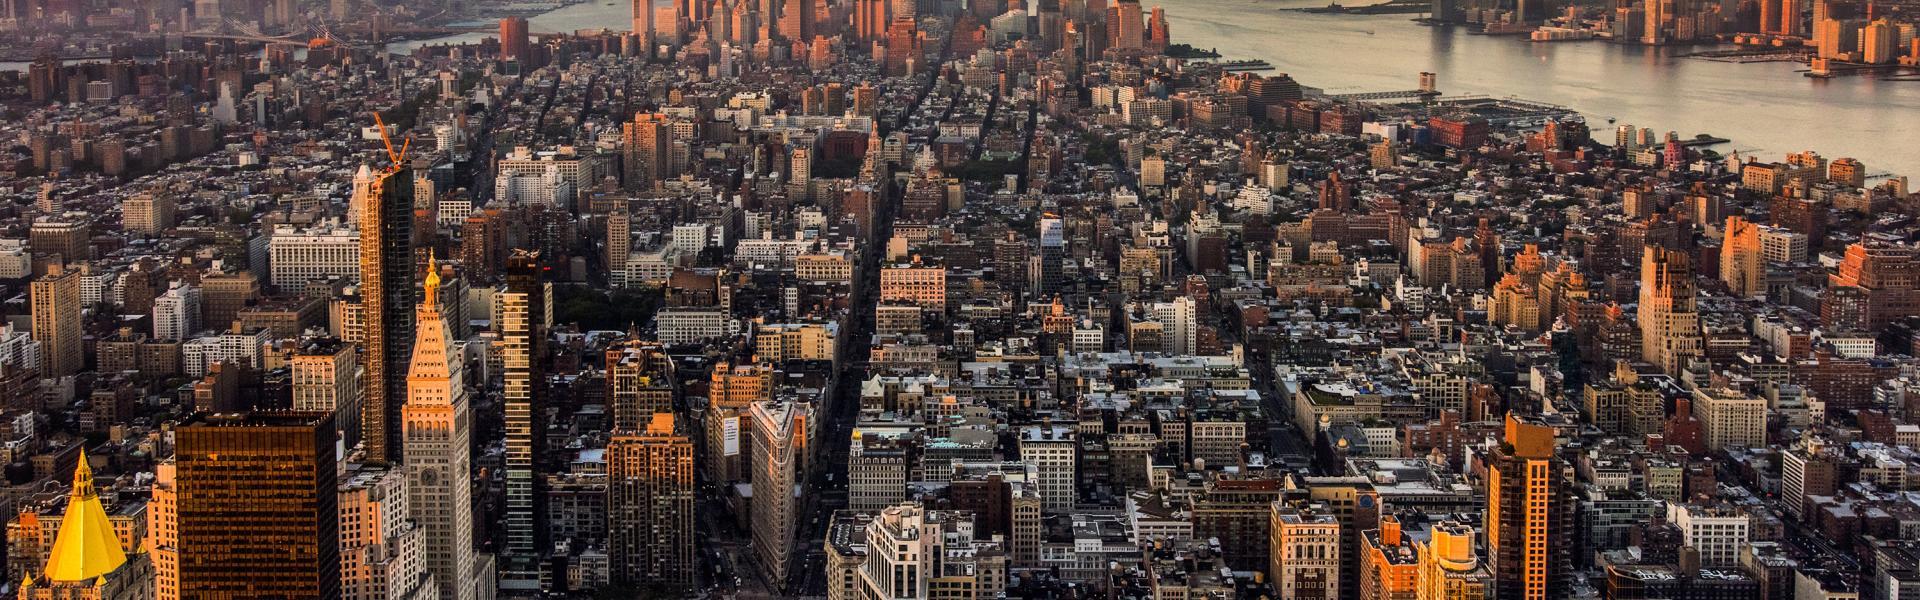 Empire-State-Building-Julienne-Schaer-Manhattan-NYC-055